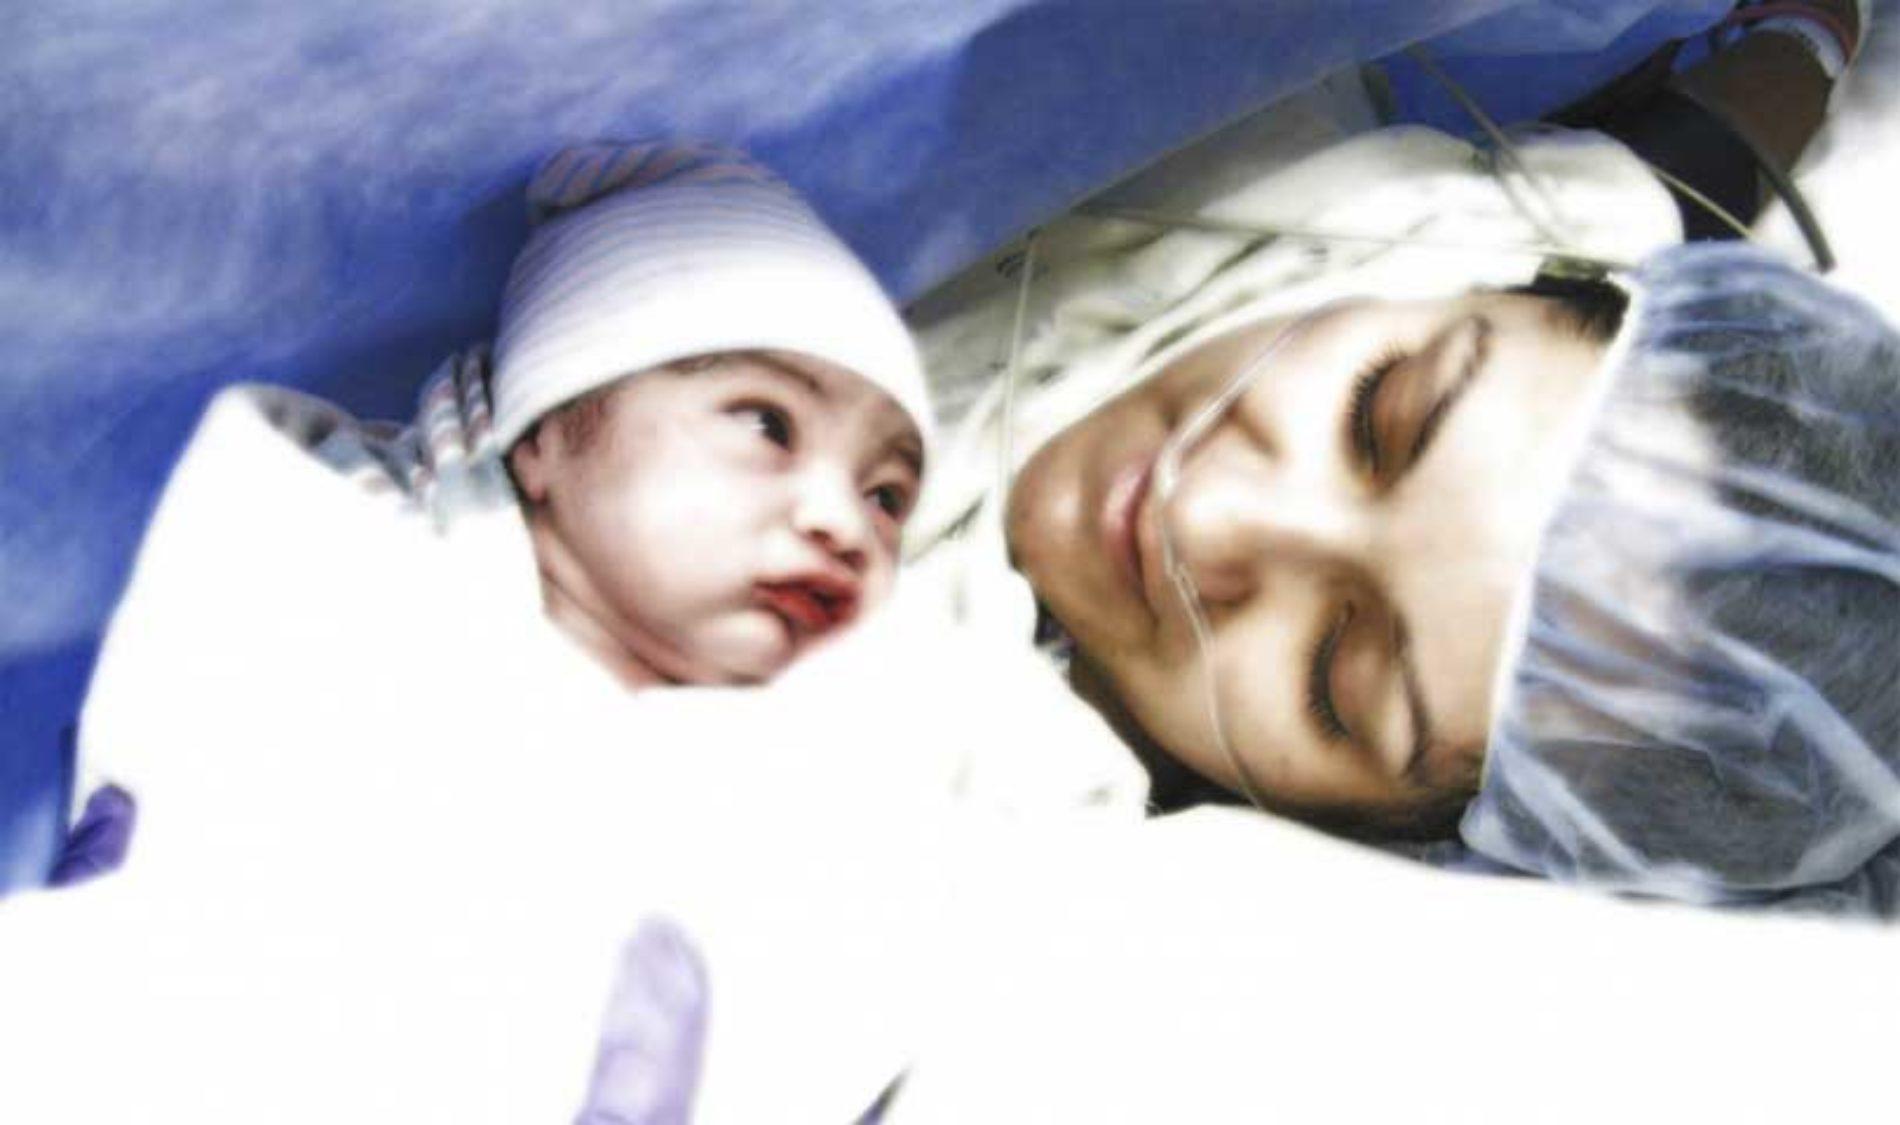 Nyfødt – den første tiden